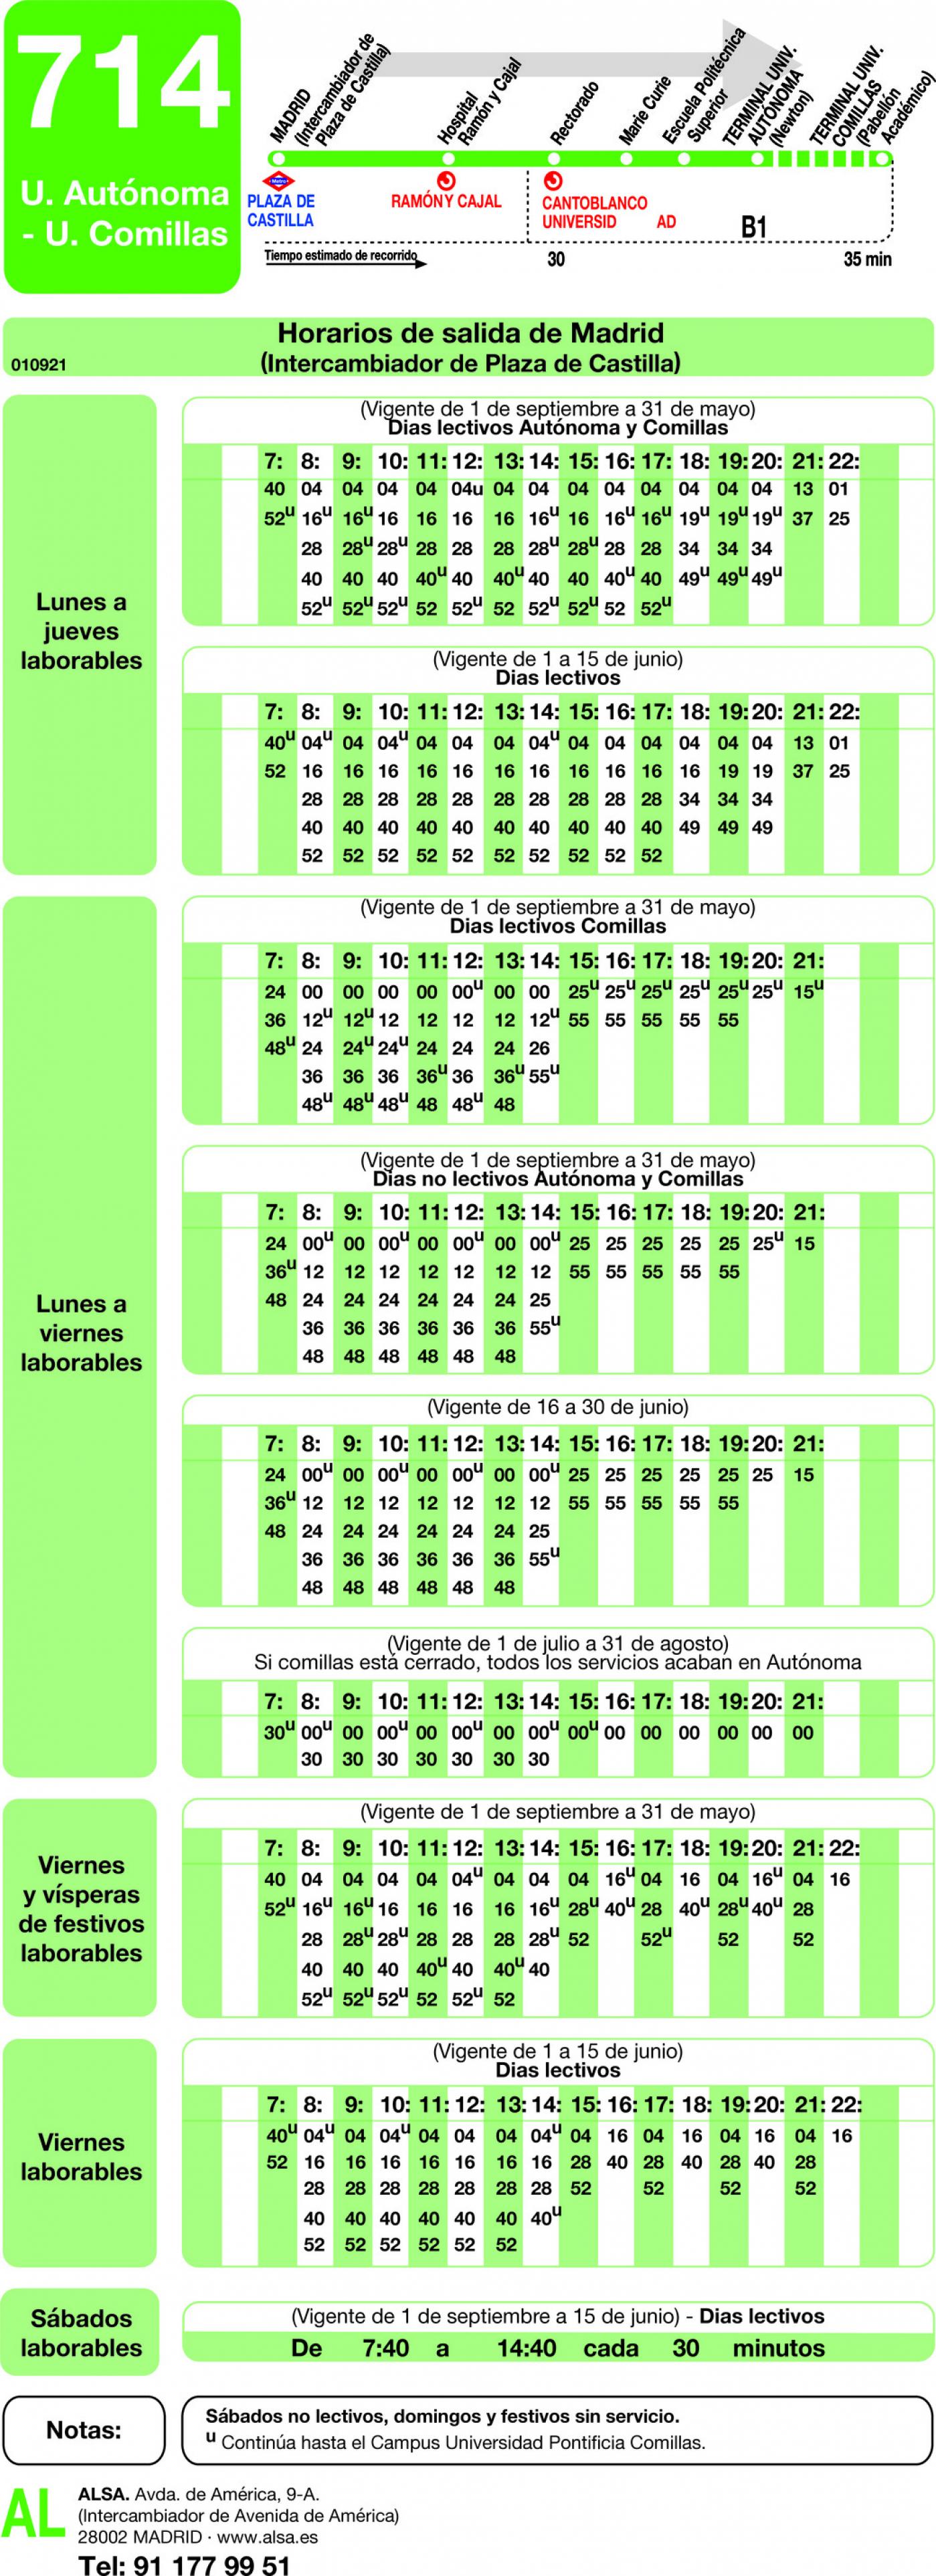 Tabla de horarios y frecuencias de paso en sentido ida Línea 714: Madrid (Plaza Castilla) - Universidad Autónoma - Universidad de Comillas